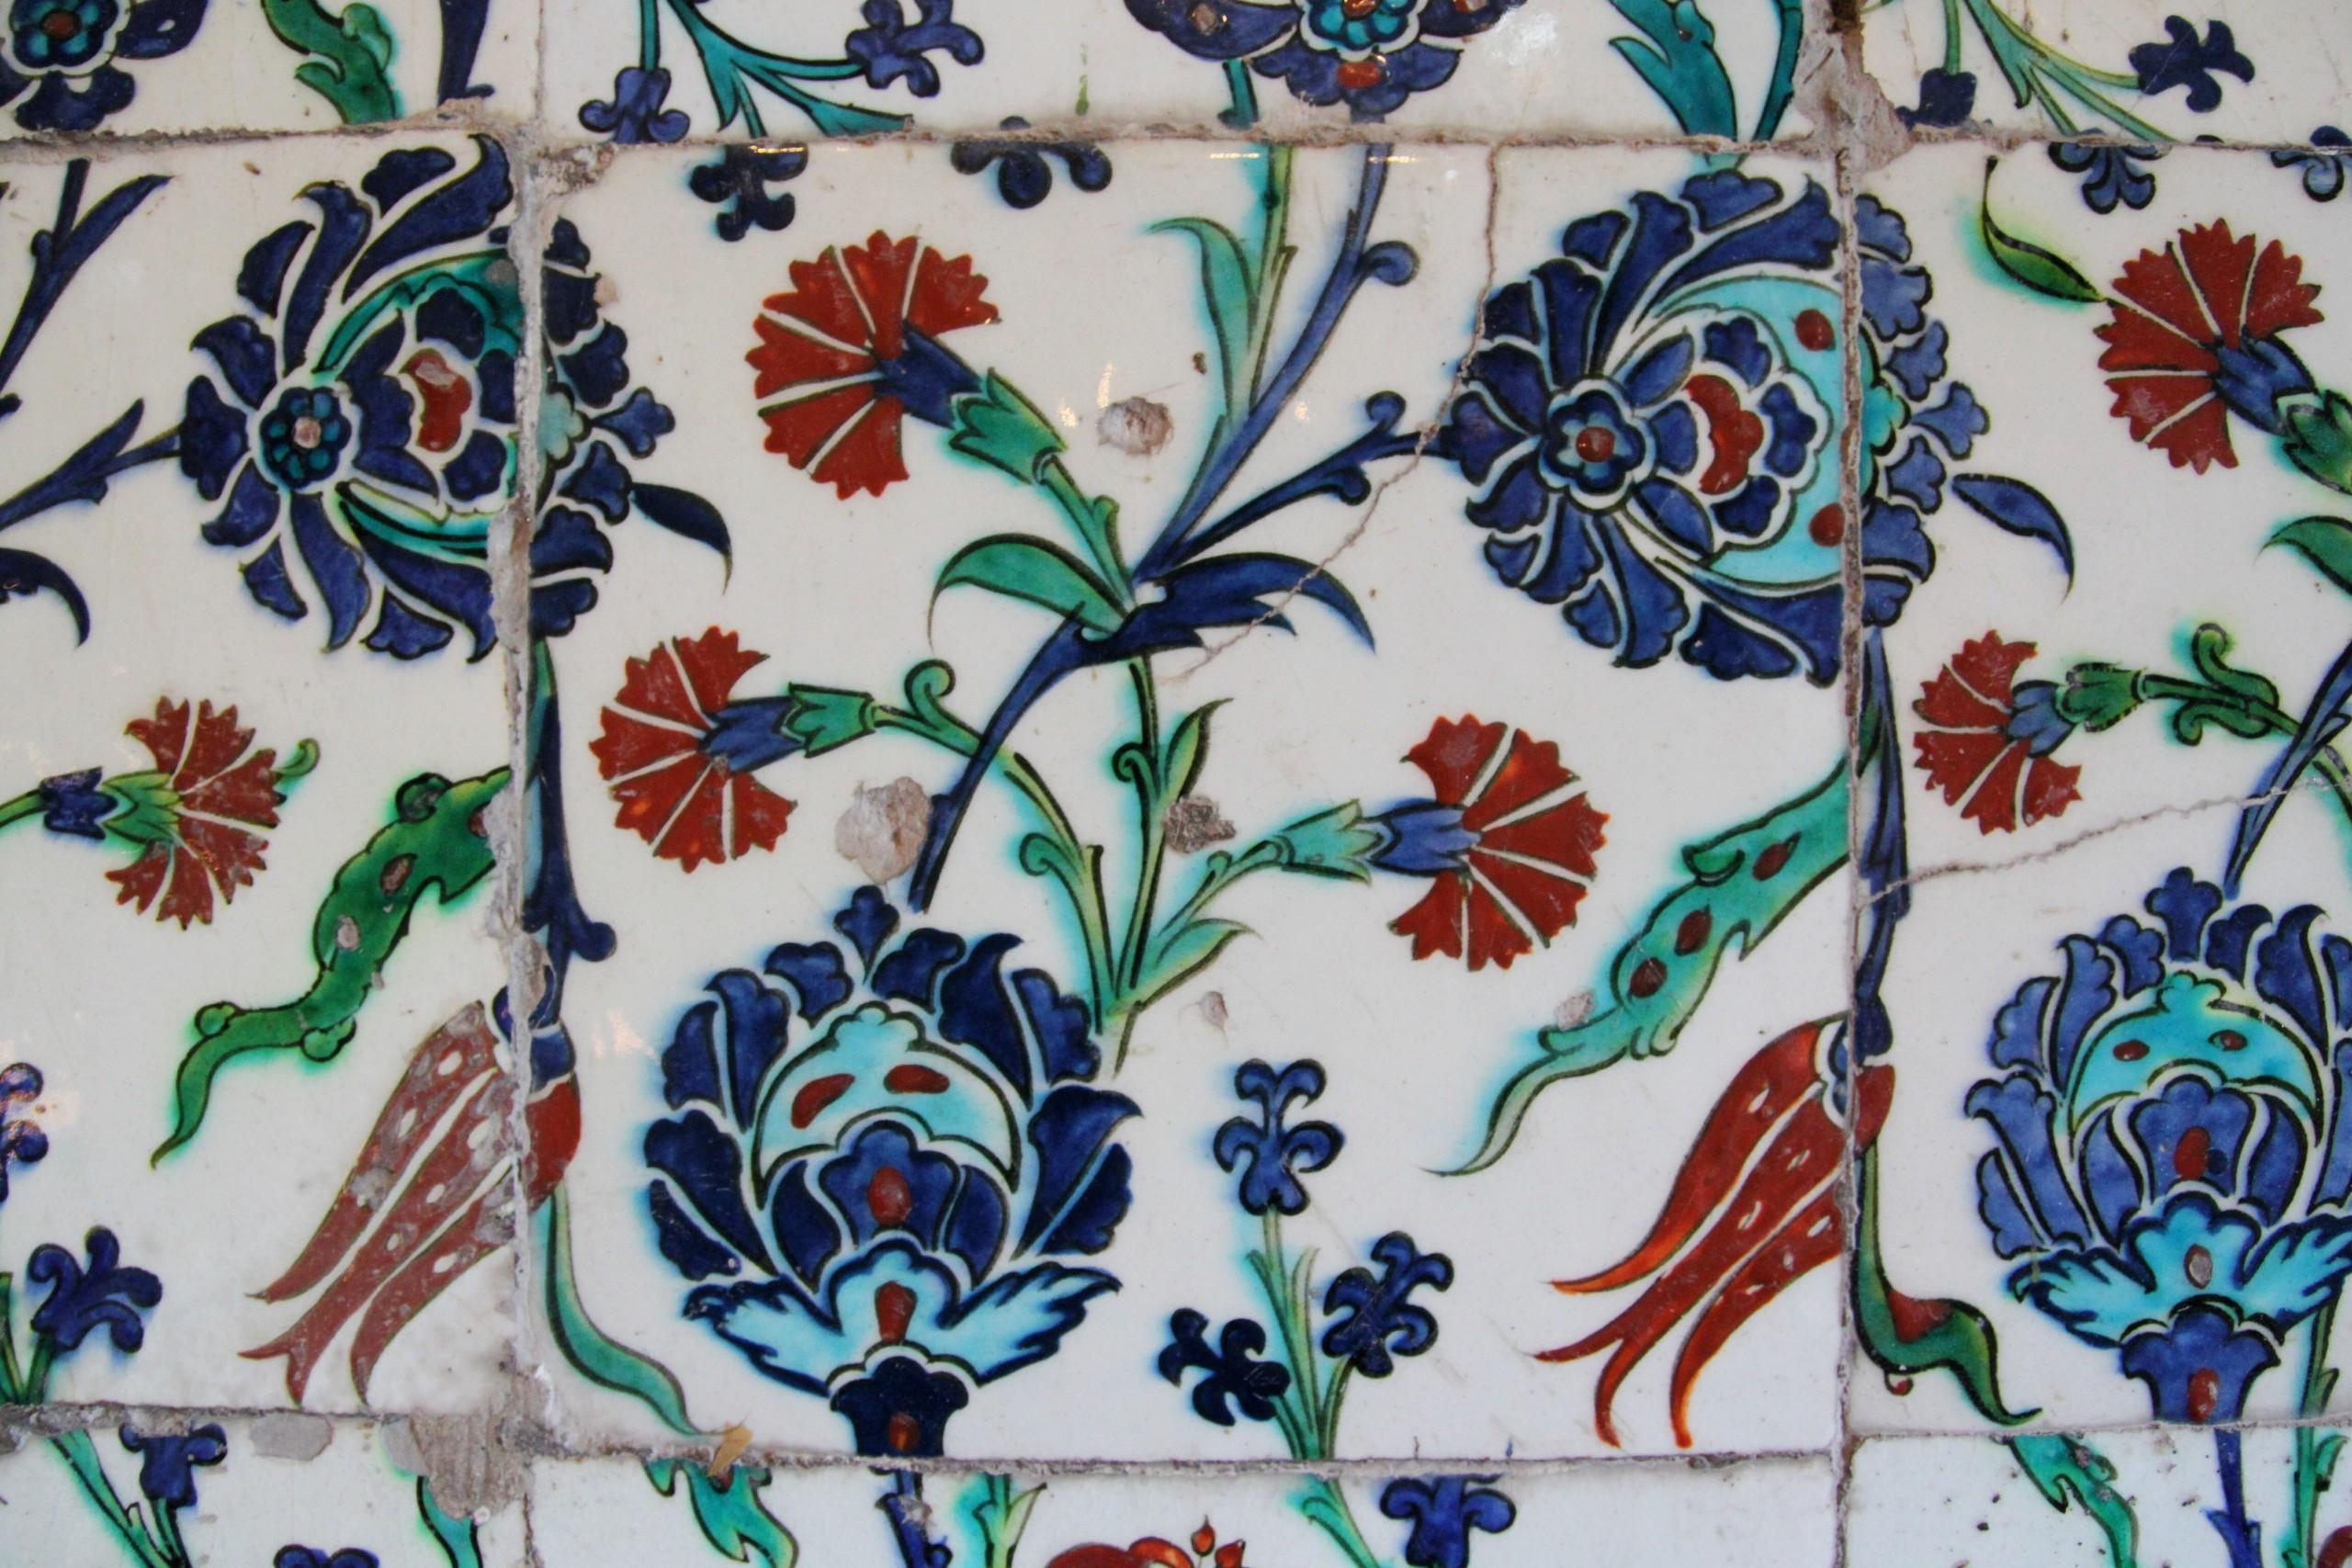 Pırlantadan Kubbeler #5: Sultanahmed - pPMOyn - Pırlantadan Kubbeler #5: Sultanahmed